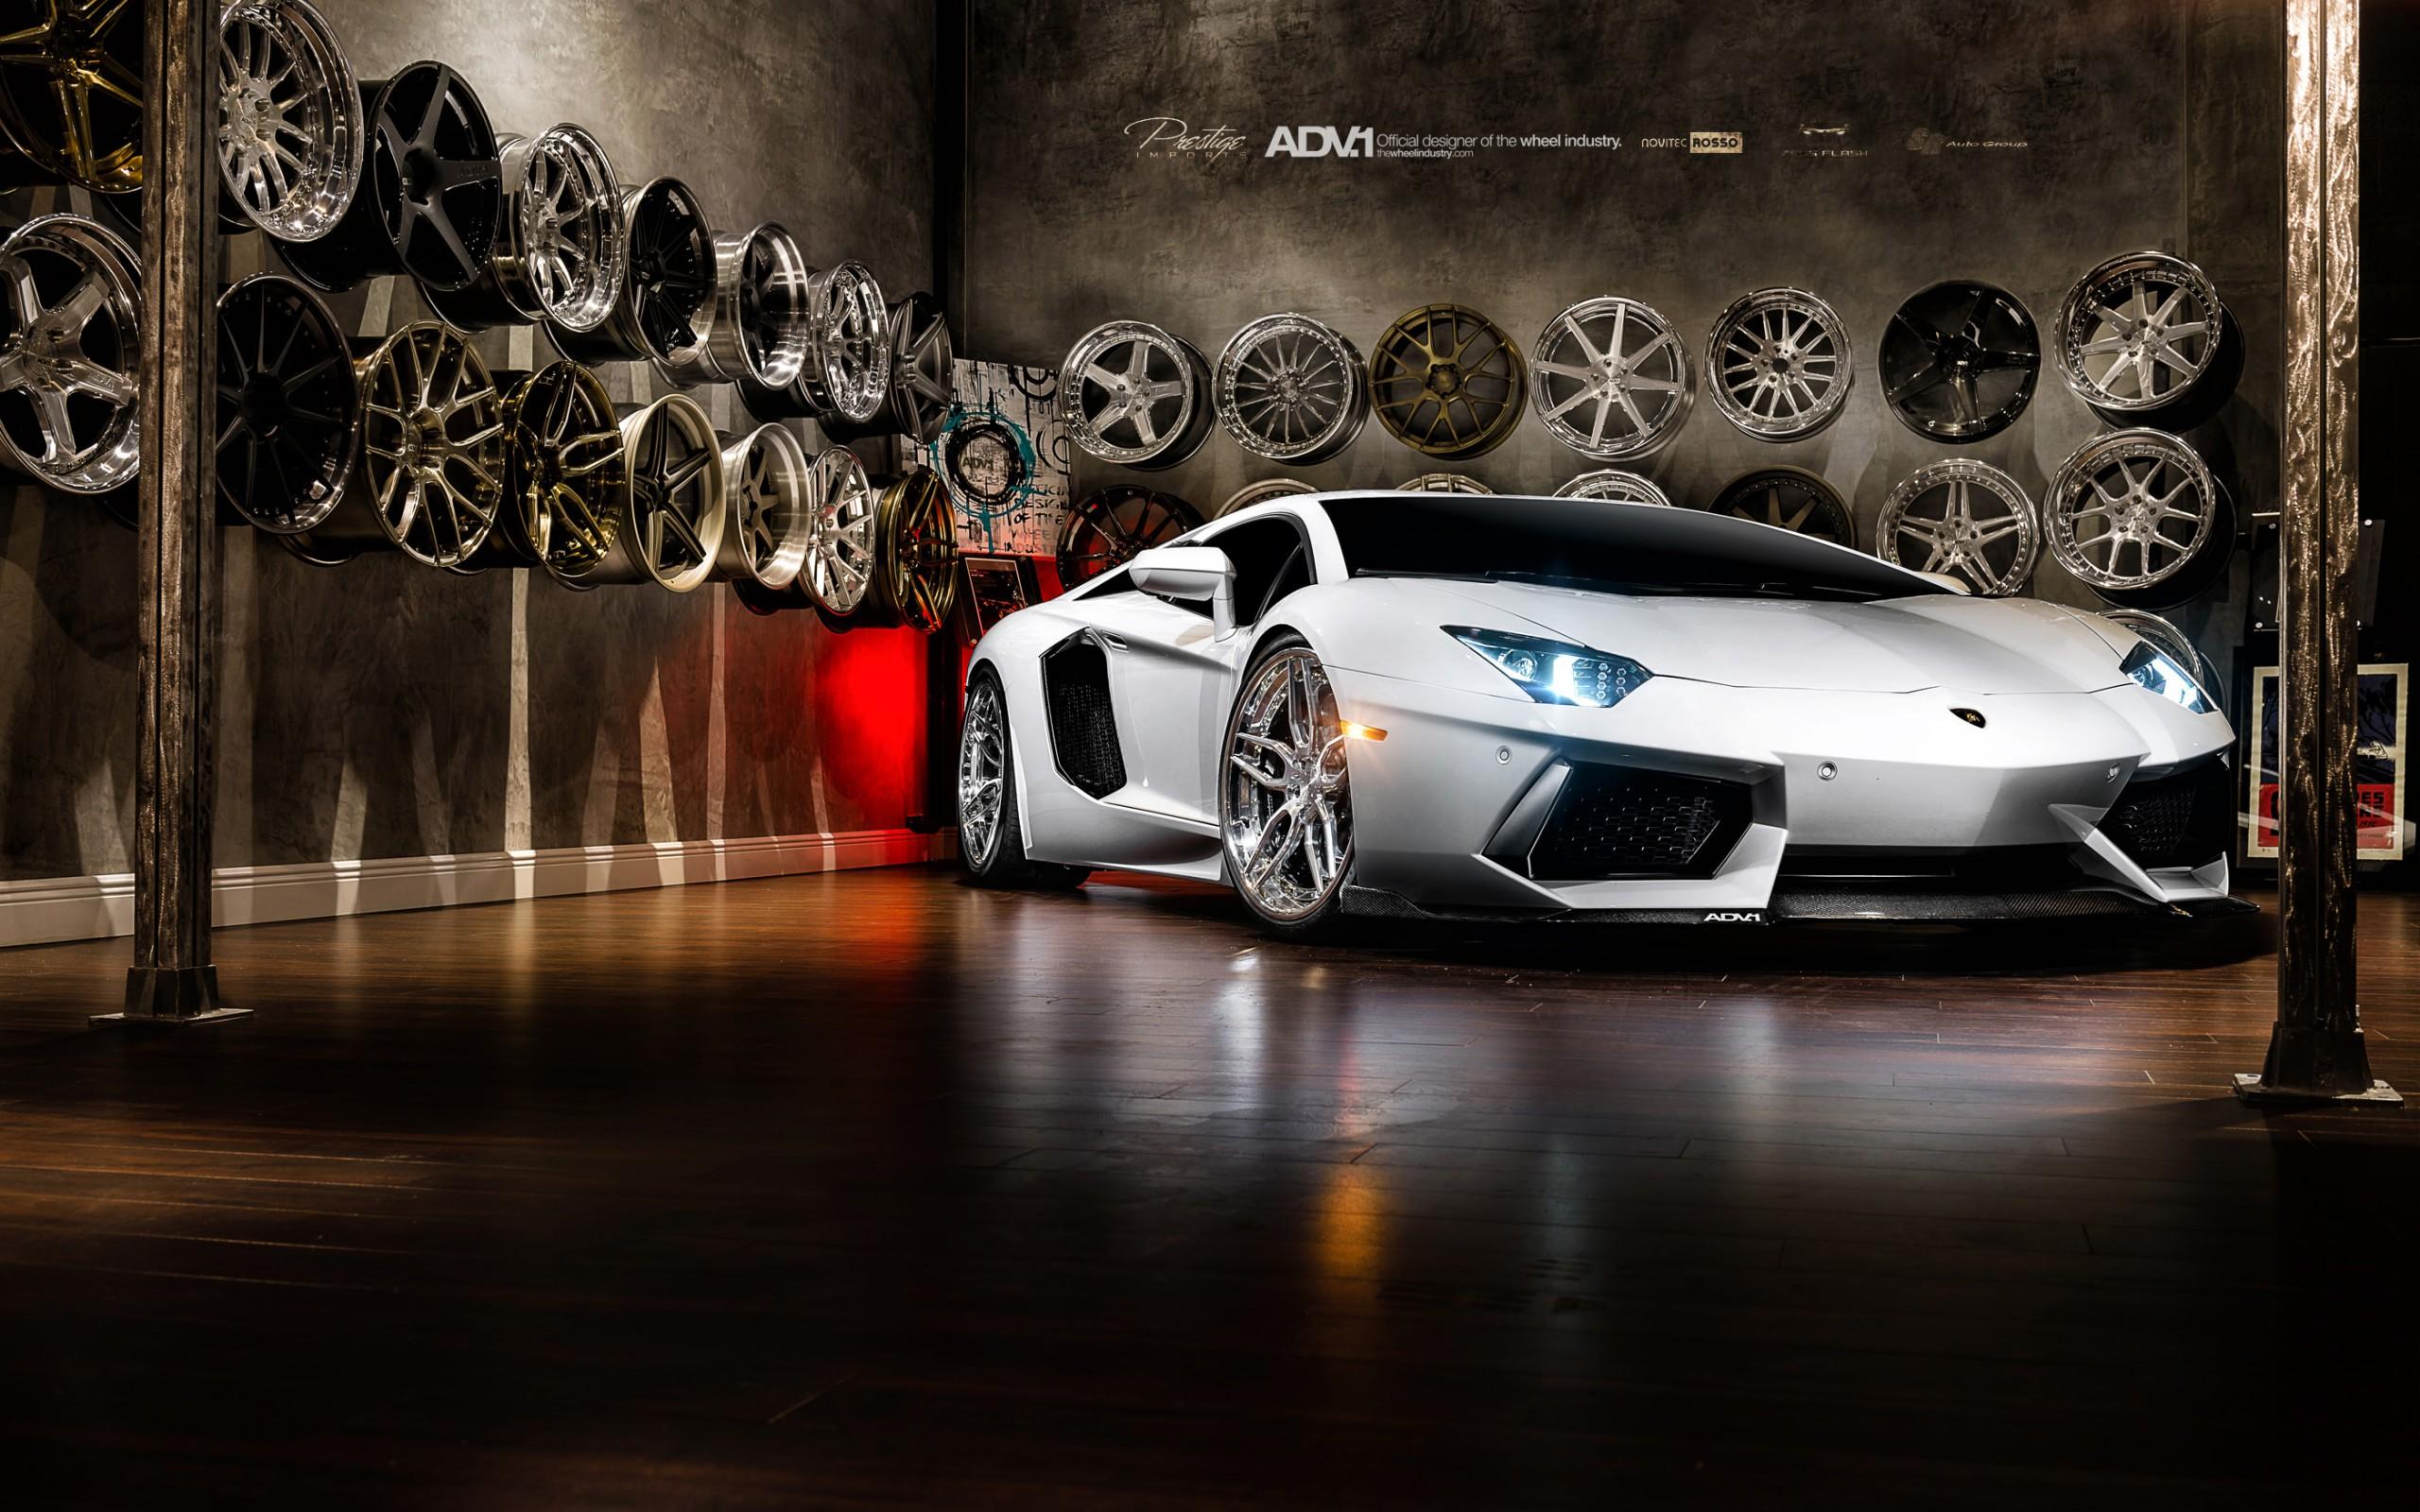 Lamborghini Aventador Car 4k Hd Desktop Wallpaper For 4k: Lamborghini Aventador On Adv1 Wheels, HD Cars, 4k